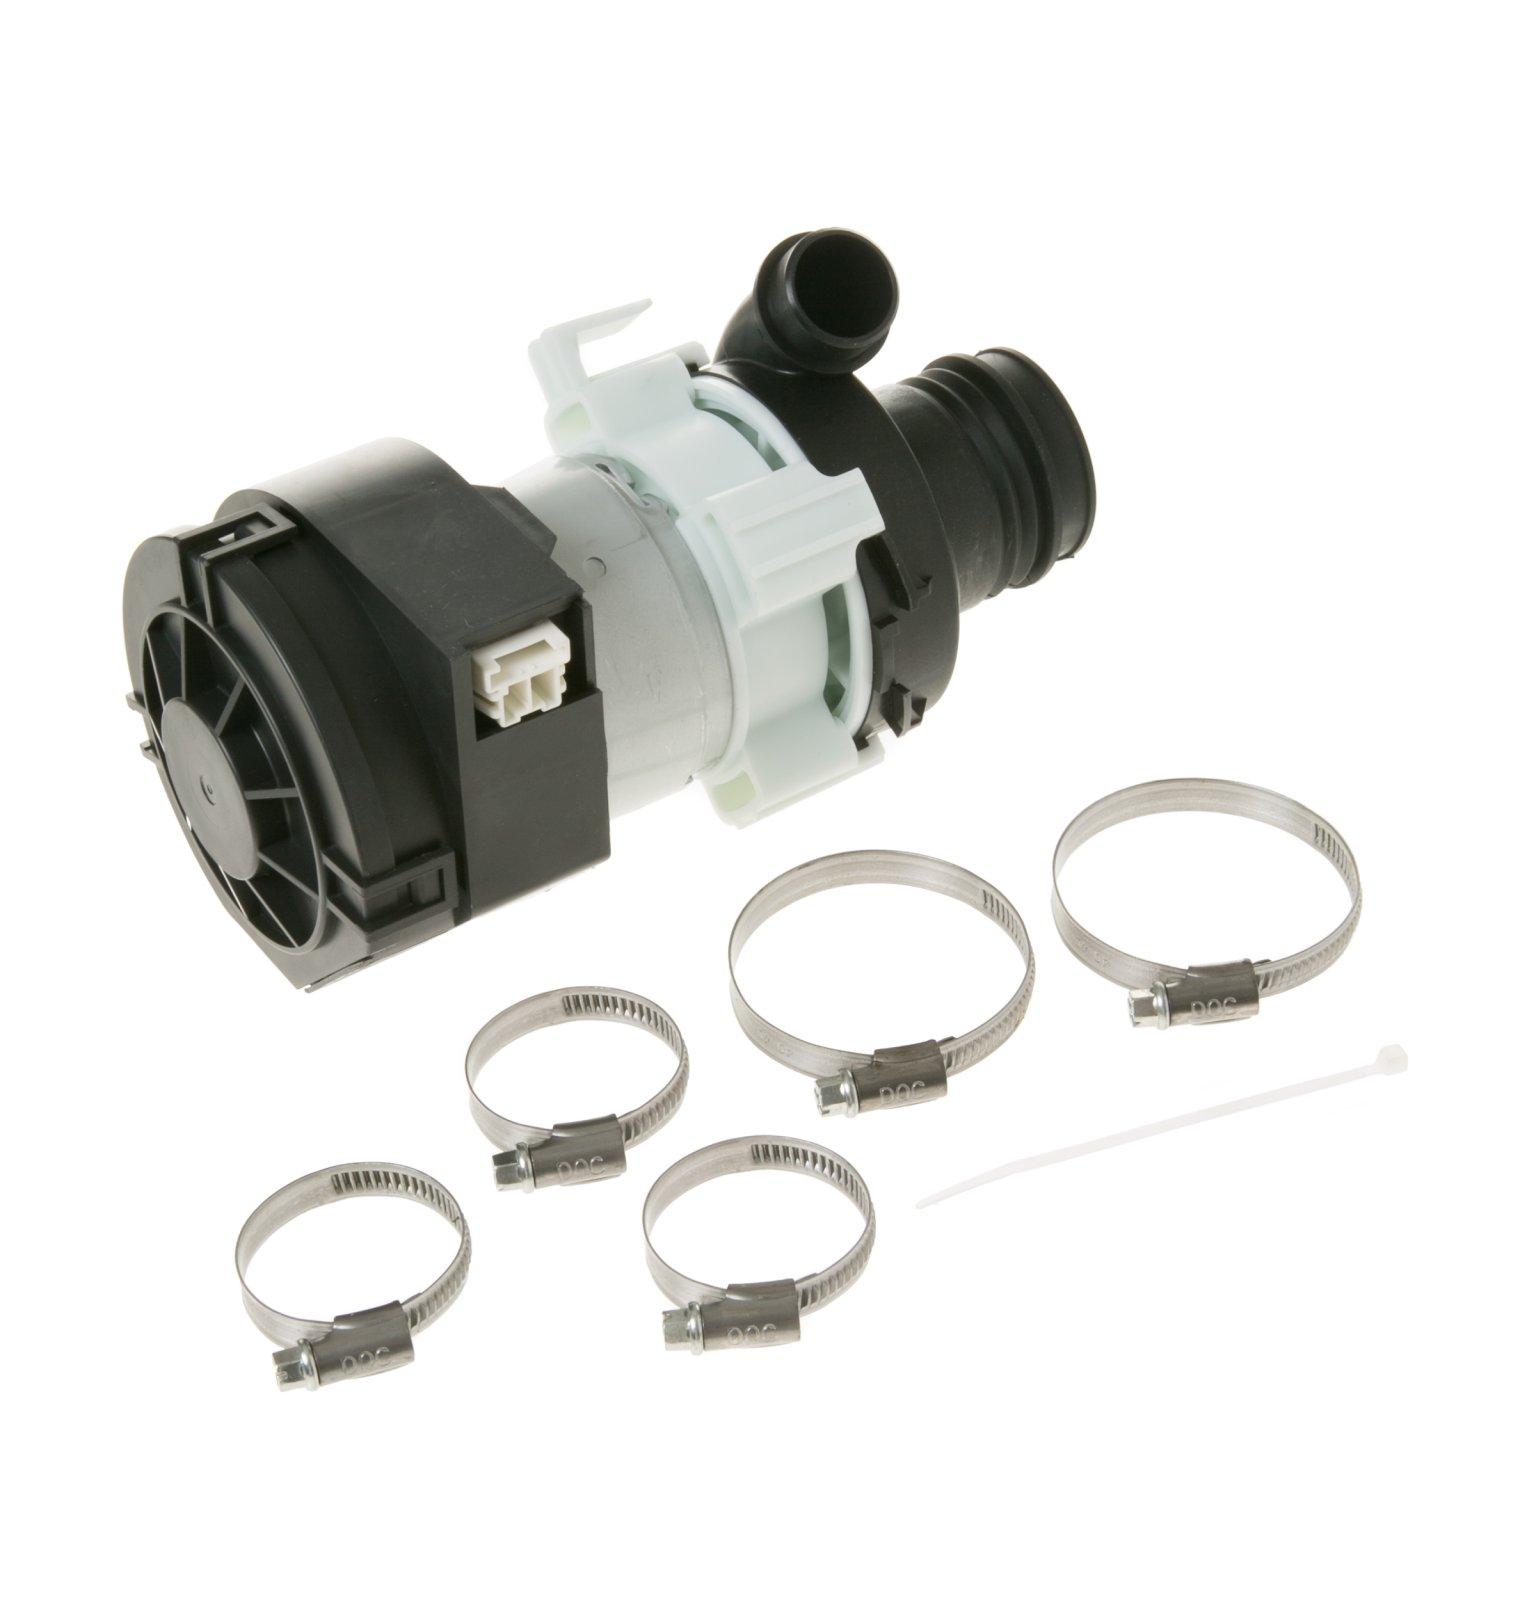 Dishwasher Circulation Pump Kit